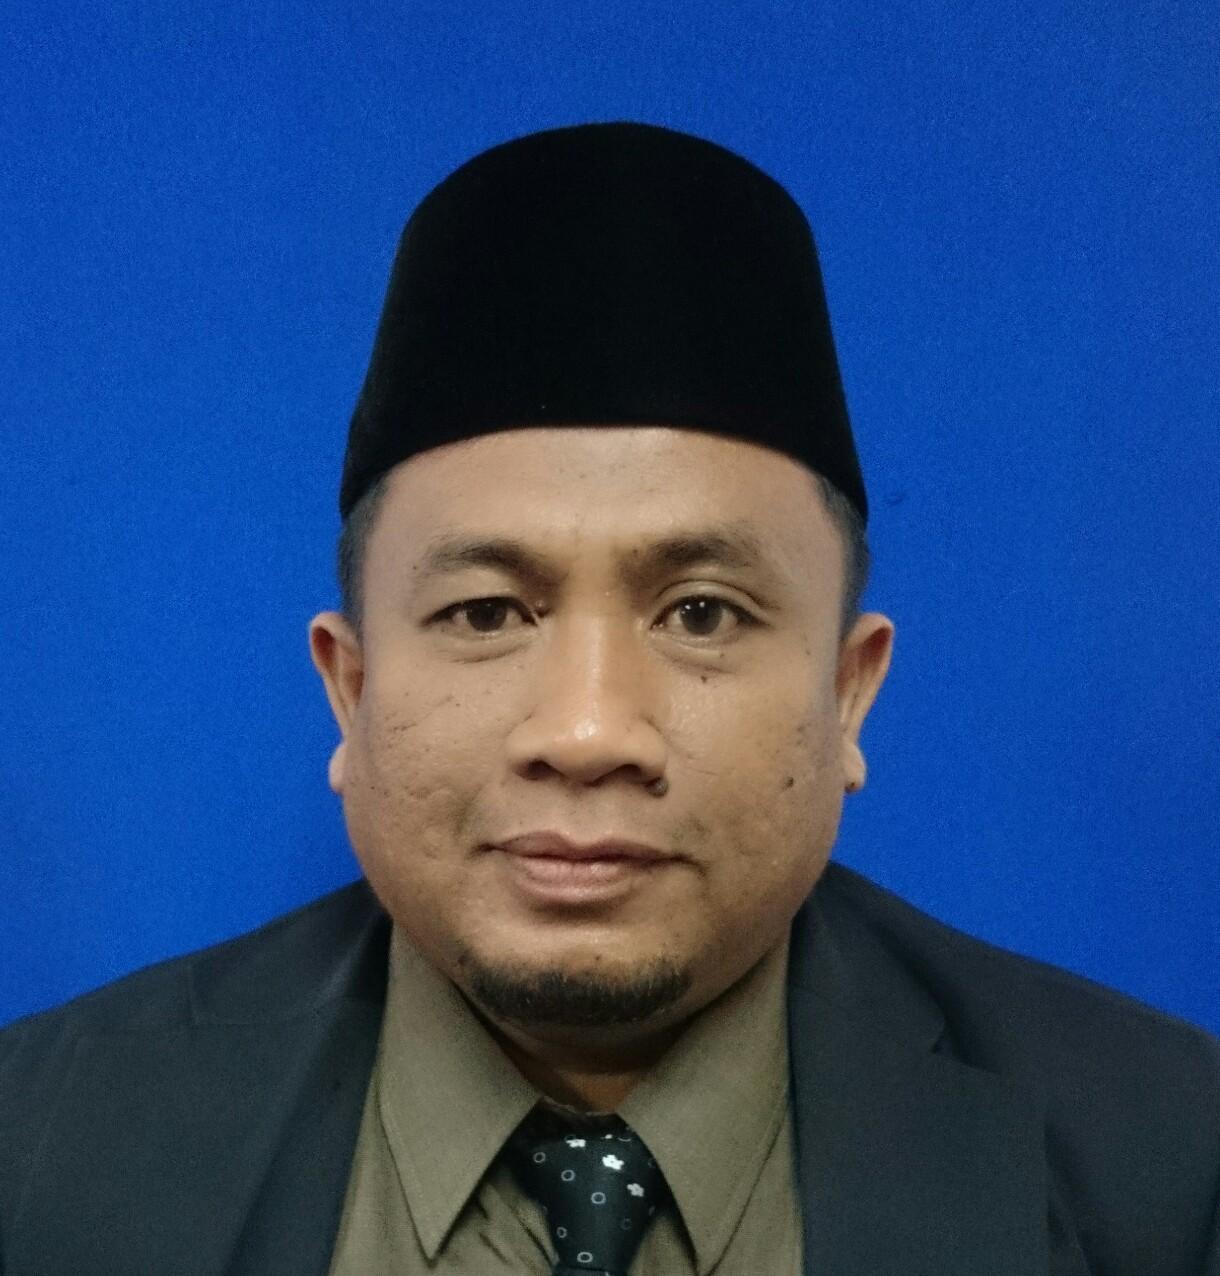 Ustaz Asikurahman Bin Othman